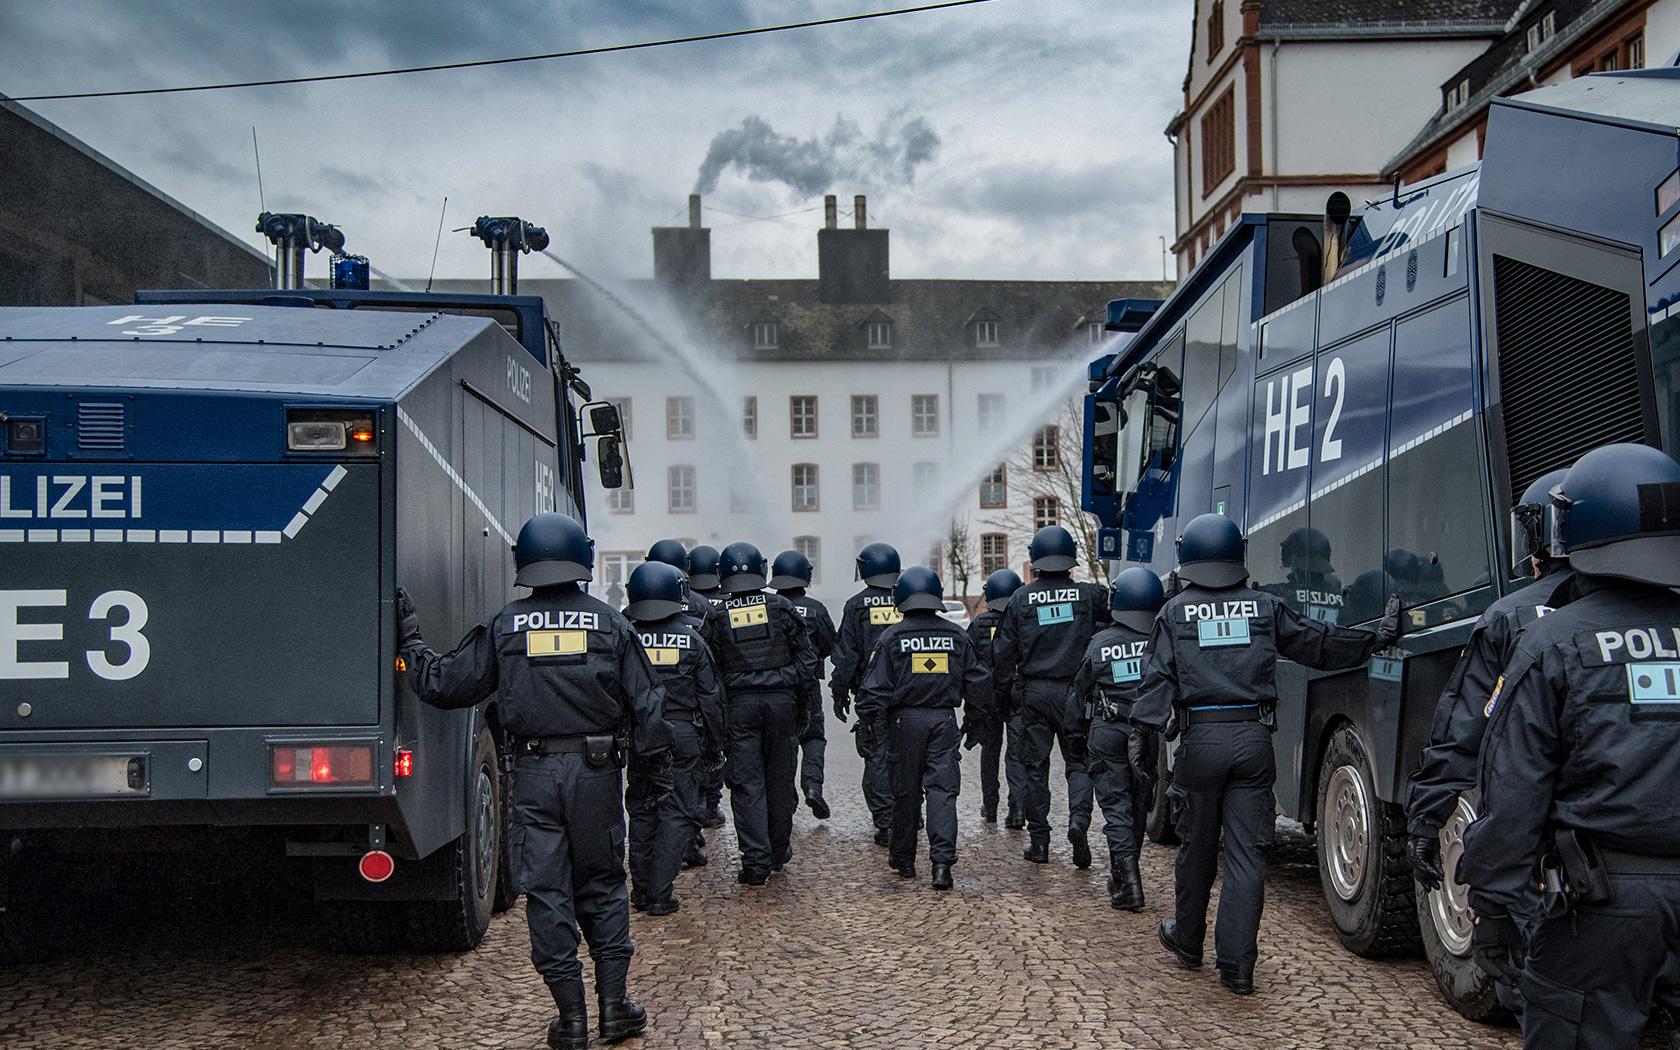 Polizei.Hessen.De